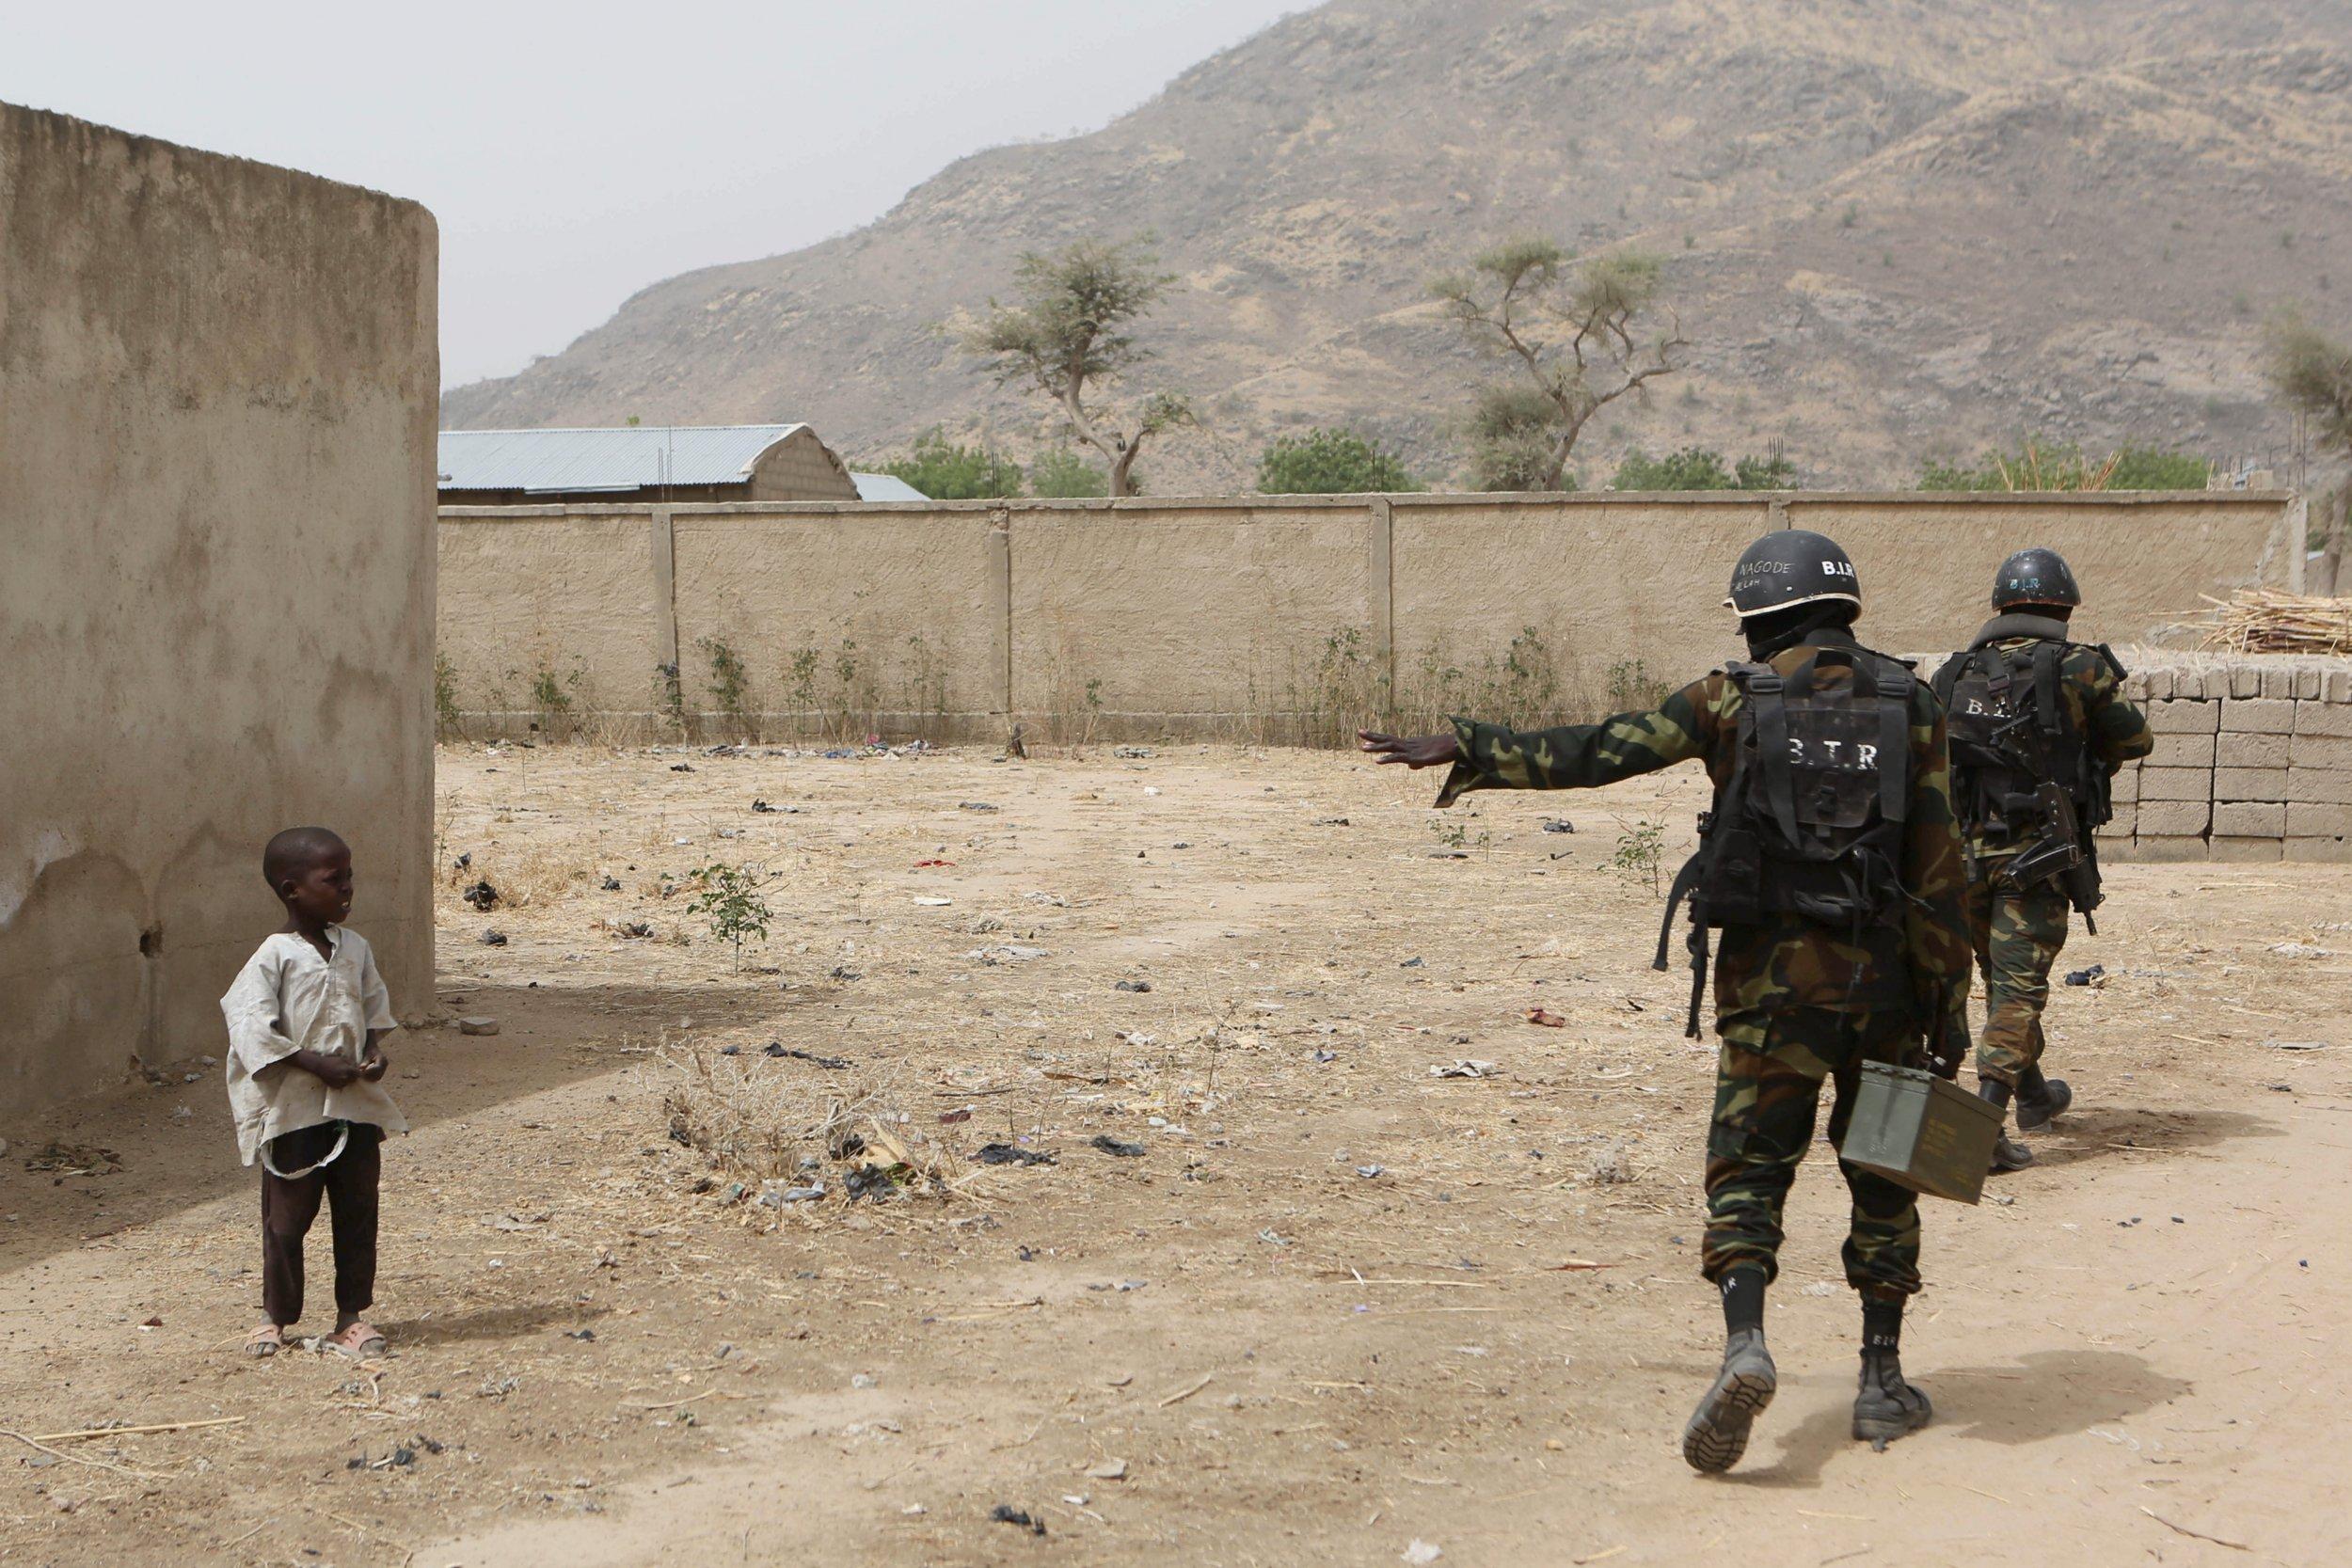 Cameroon BIR soldiers